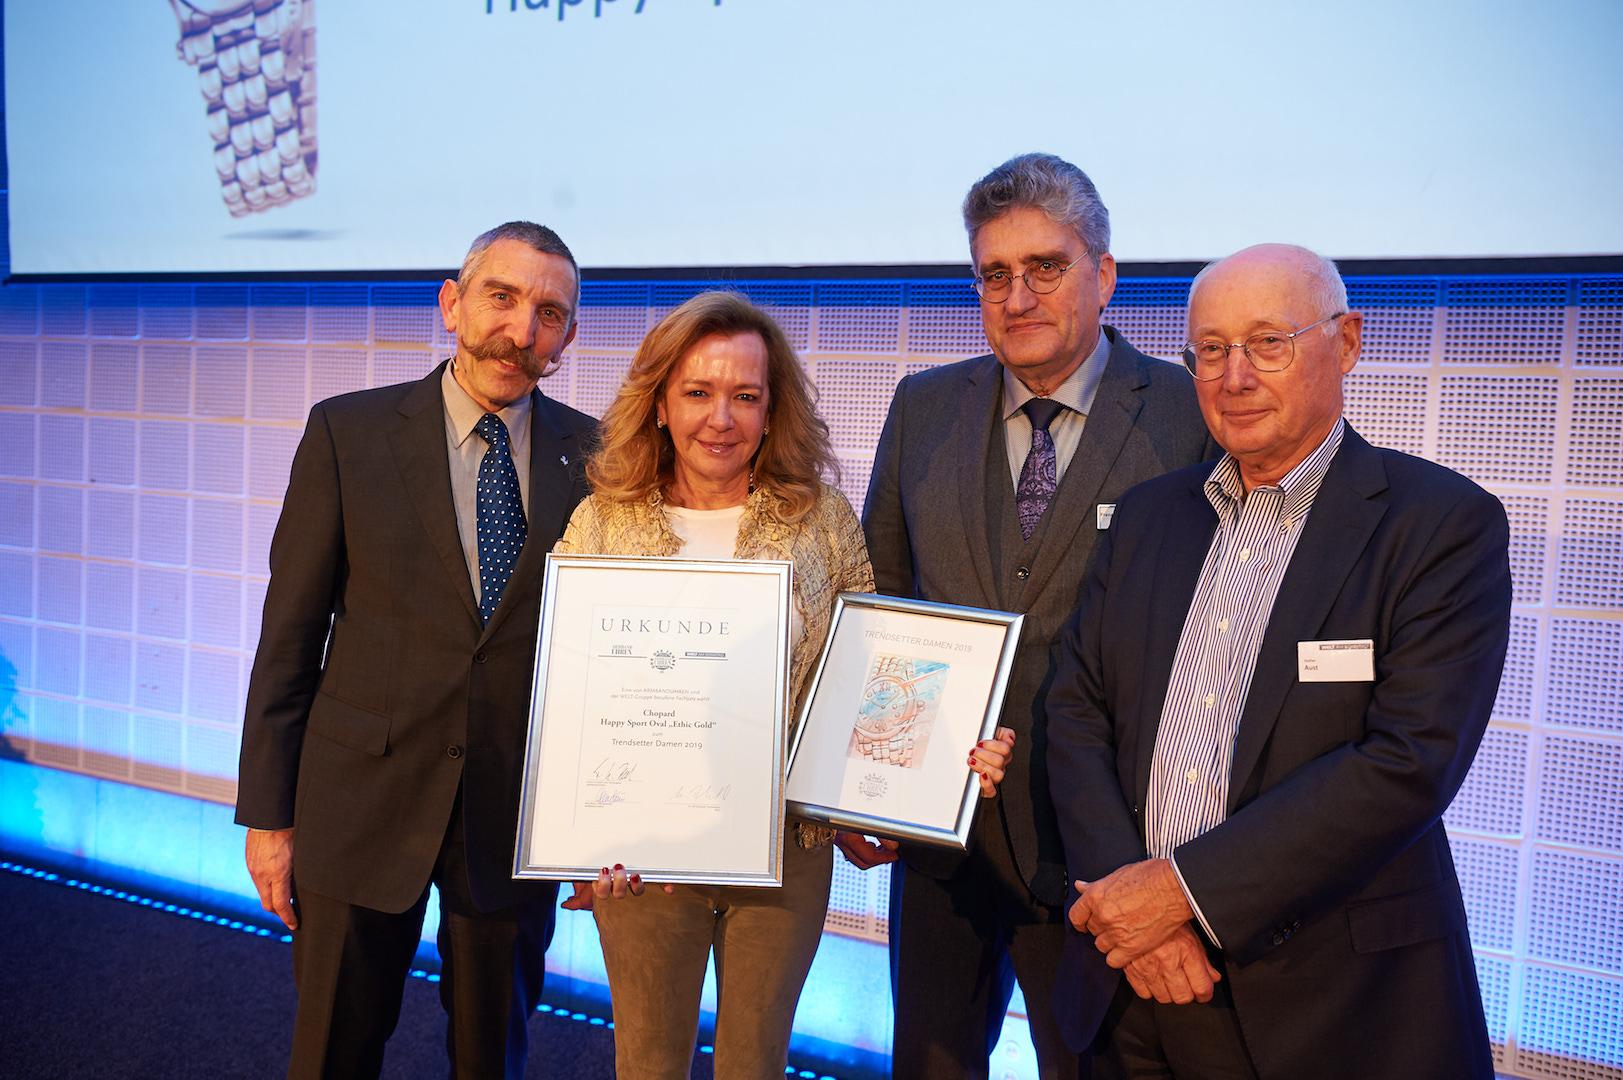 Caroline Scheufele, Co-Präsidentin von Chopard, wurde für ihre Initiative zu ethisch fair geschürften und gehandeltem Gold mit dem Jurypreis für die Trendsetterin des Jahres 2019 geehrt.